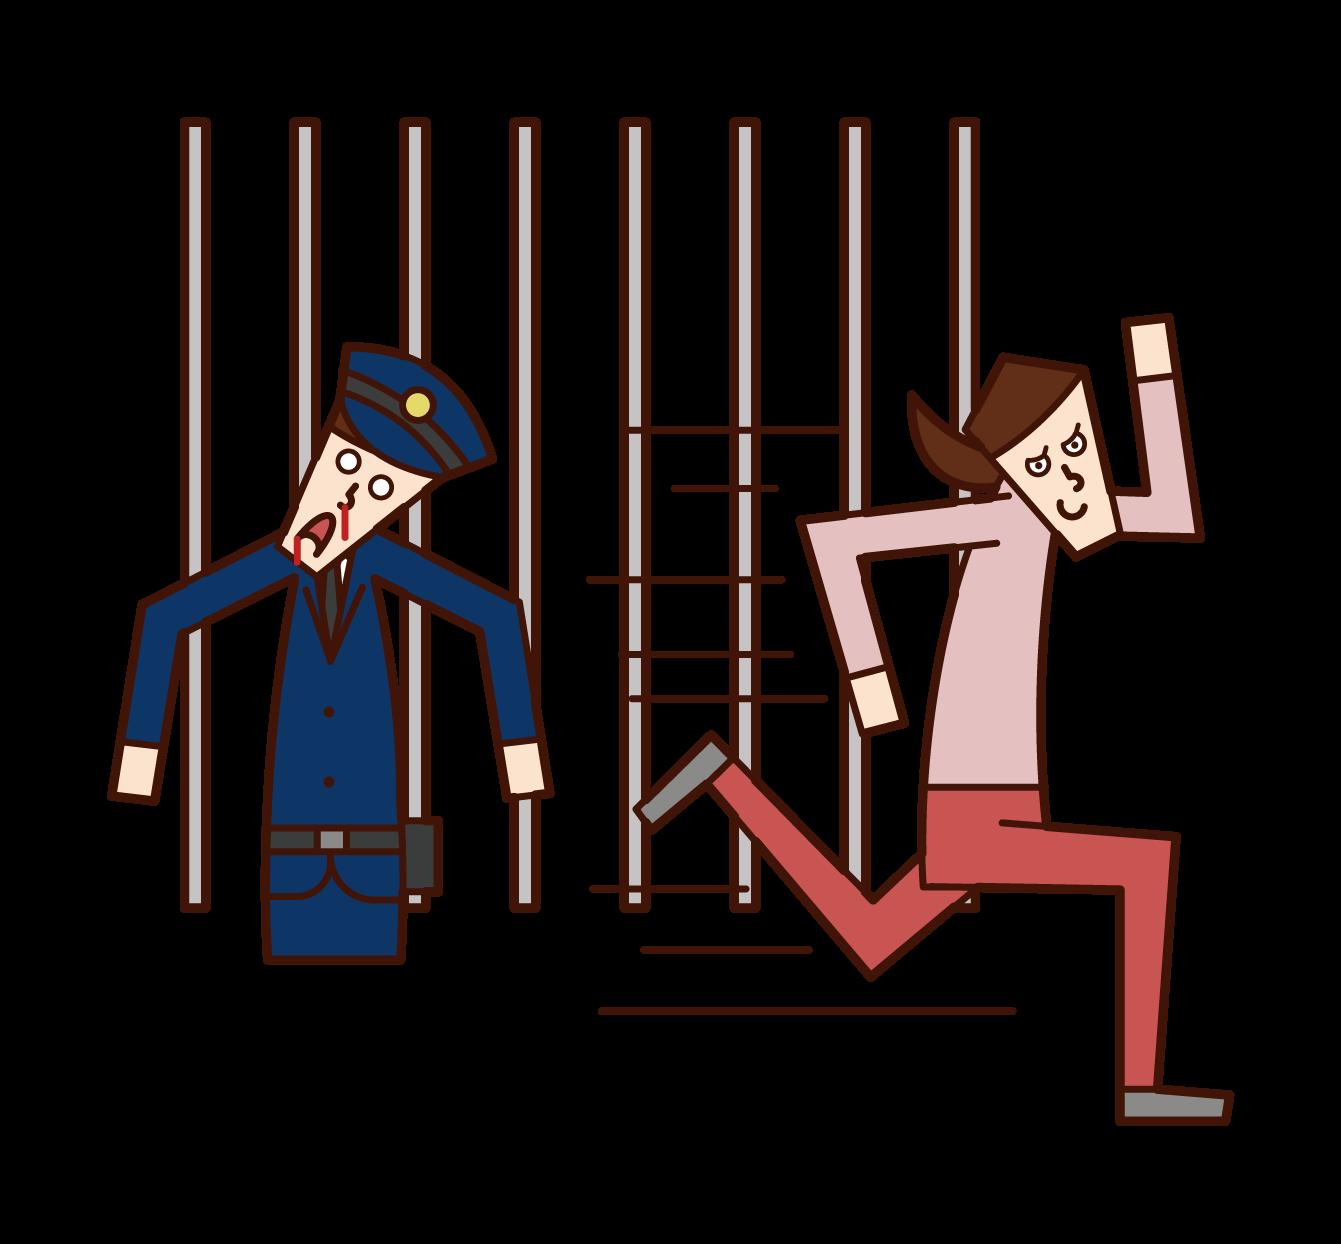 脱獄する犯人・囚人(女性)のイラスト